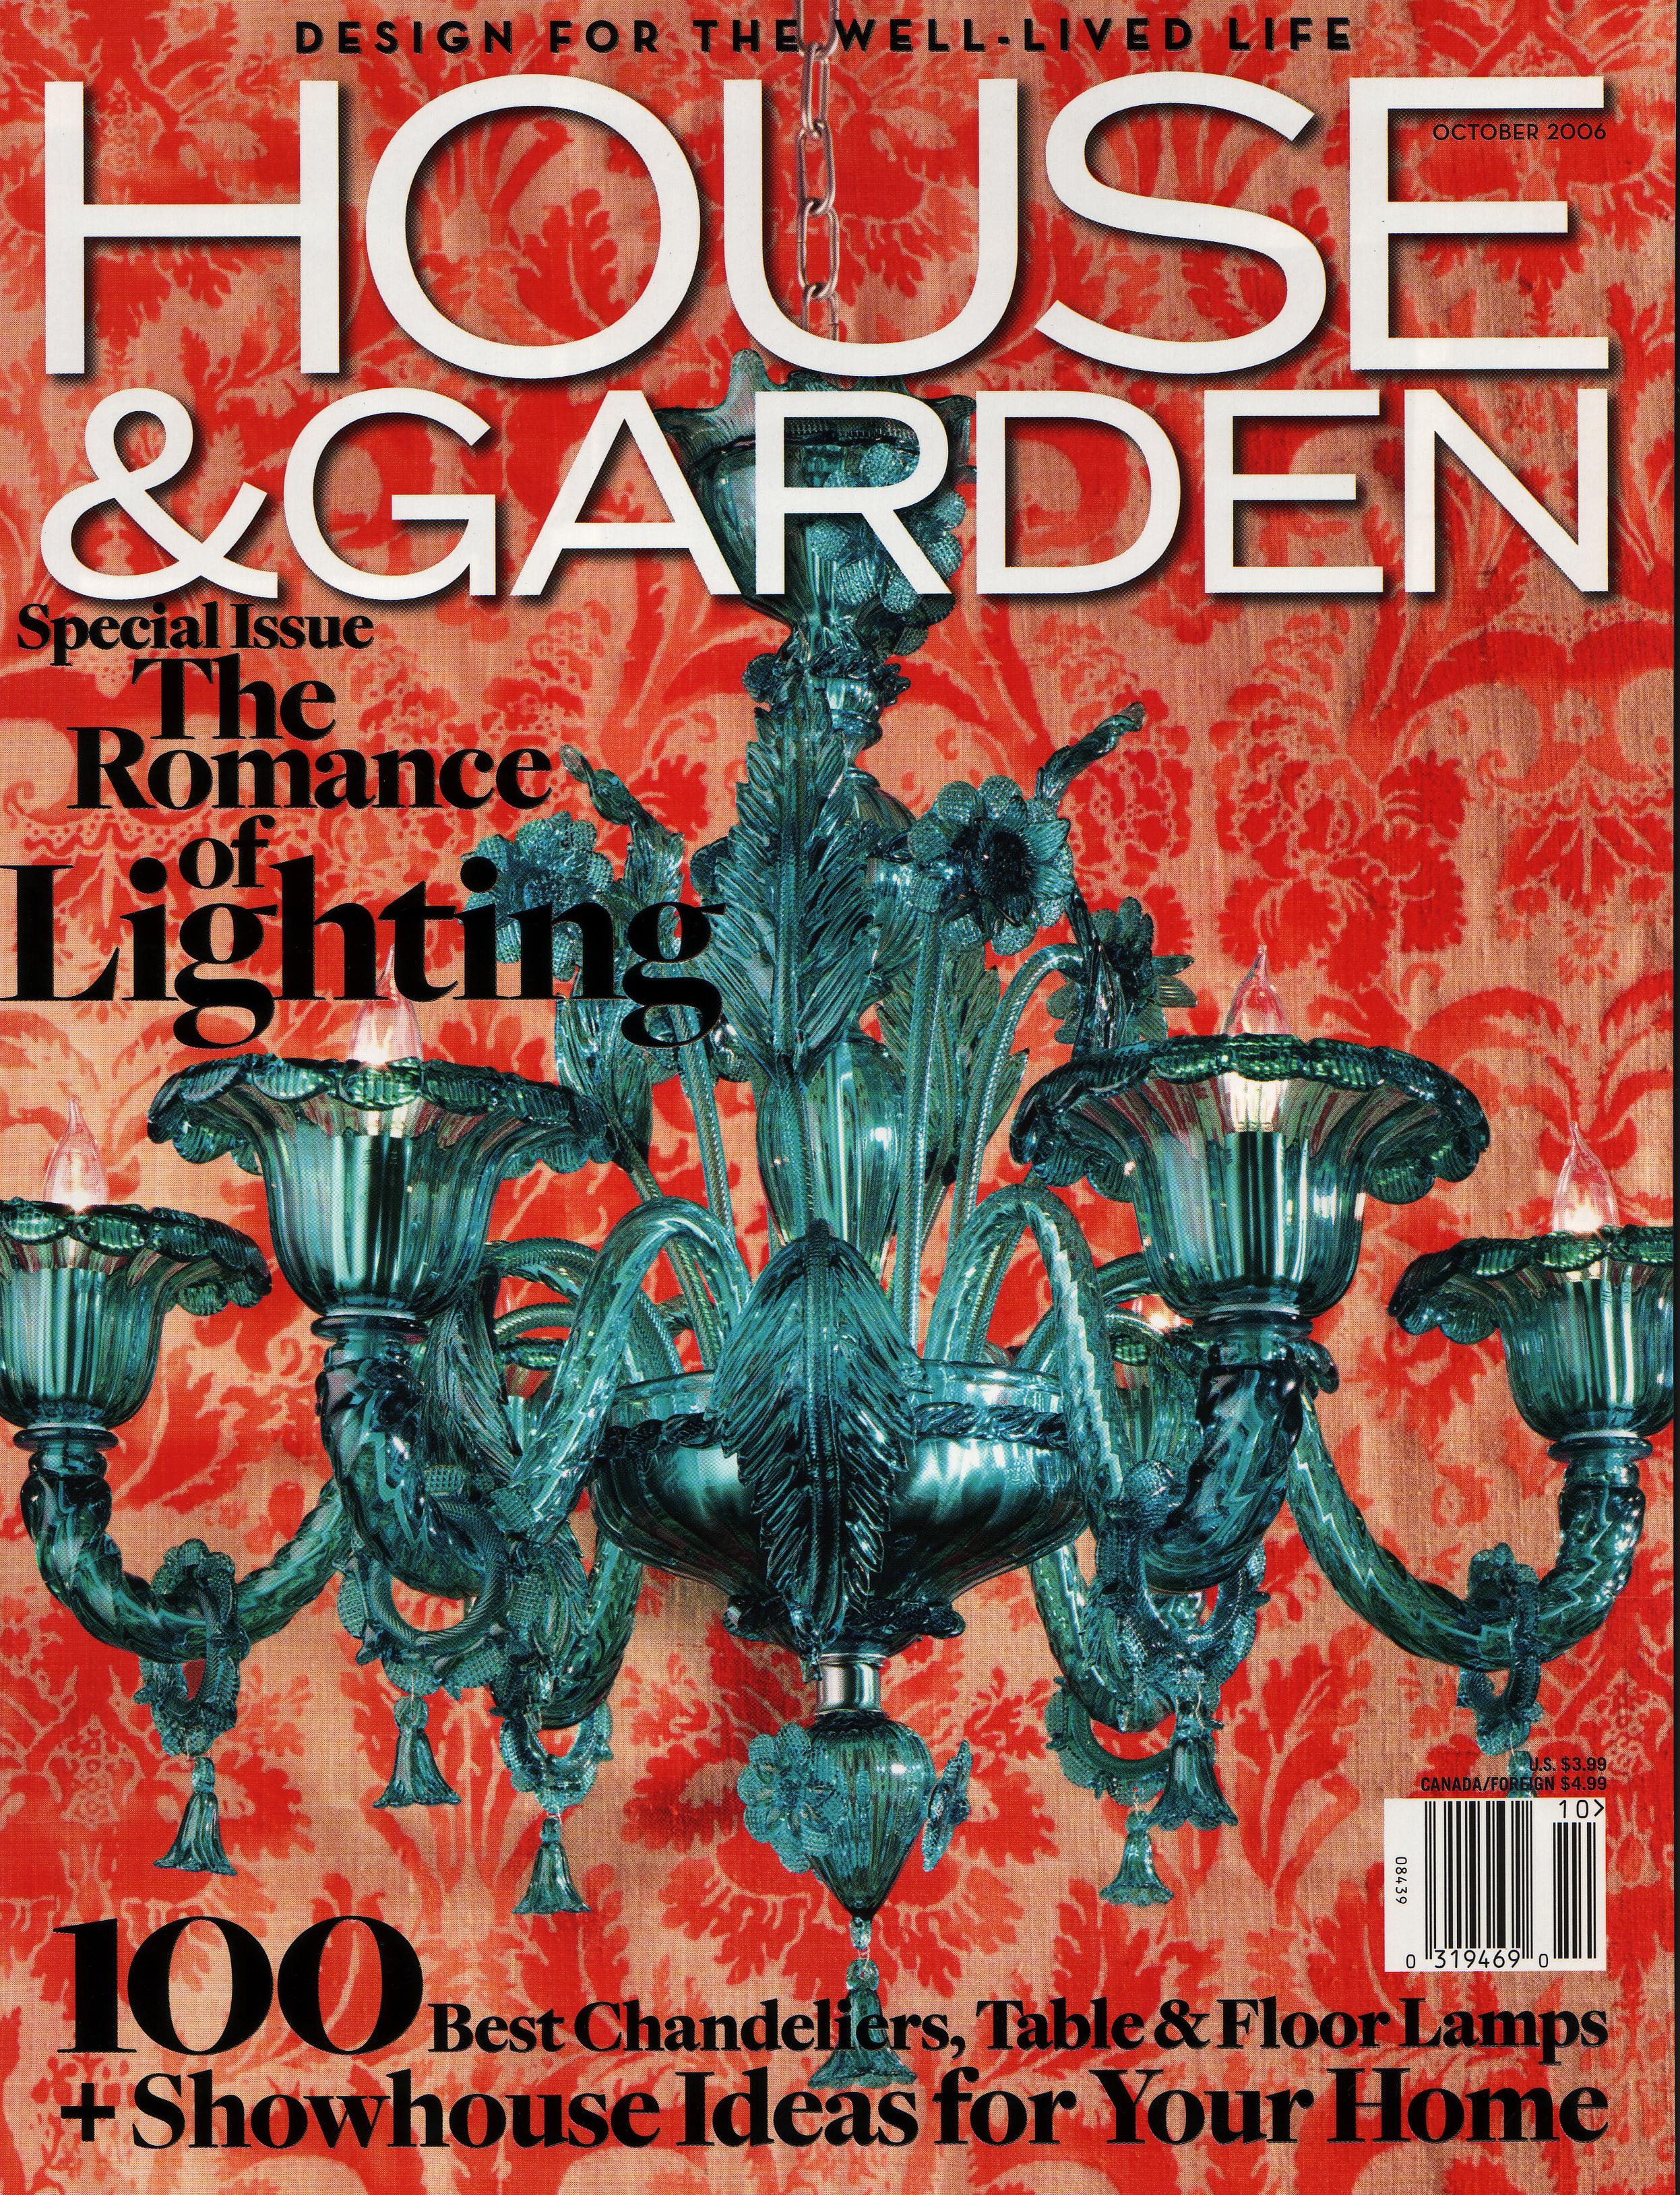 House & Garden October 2006_1